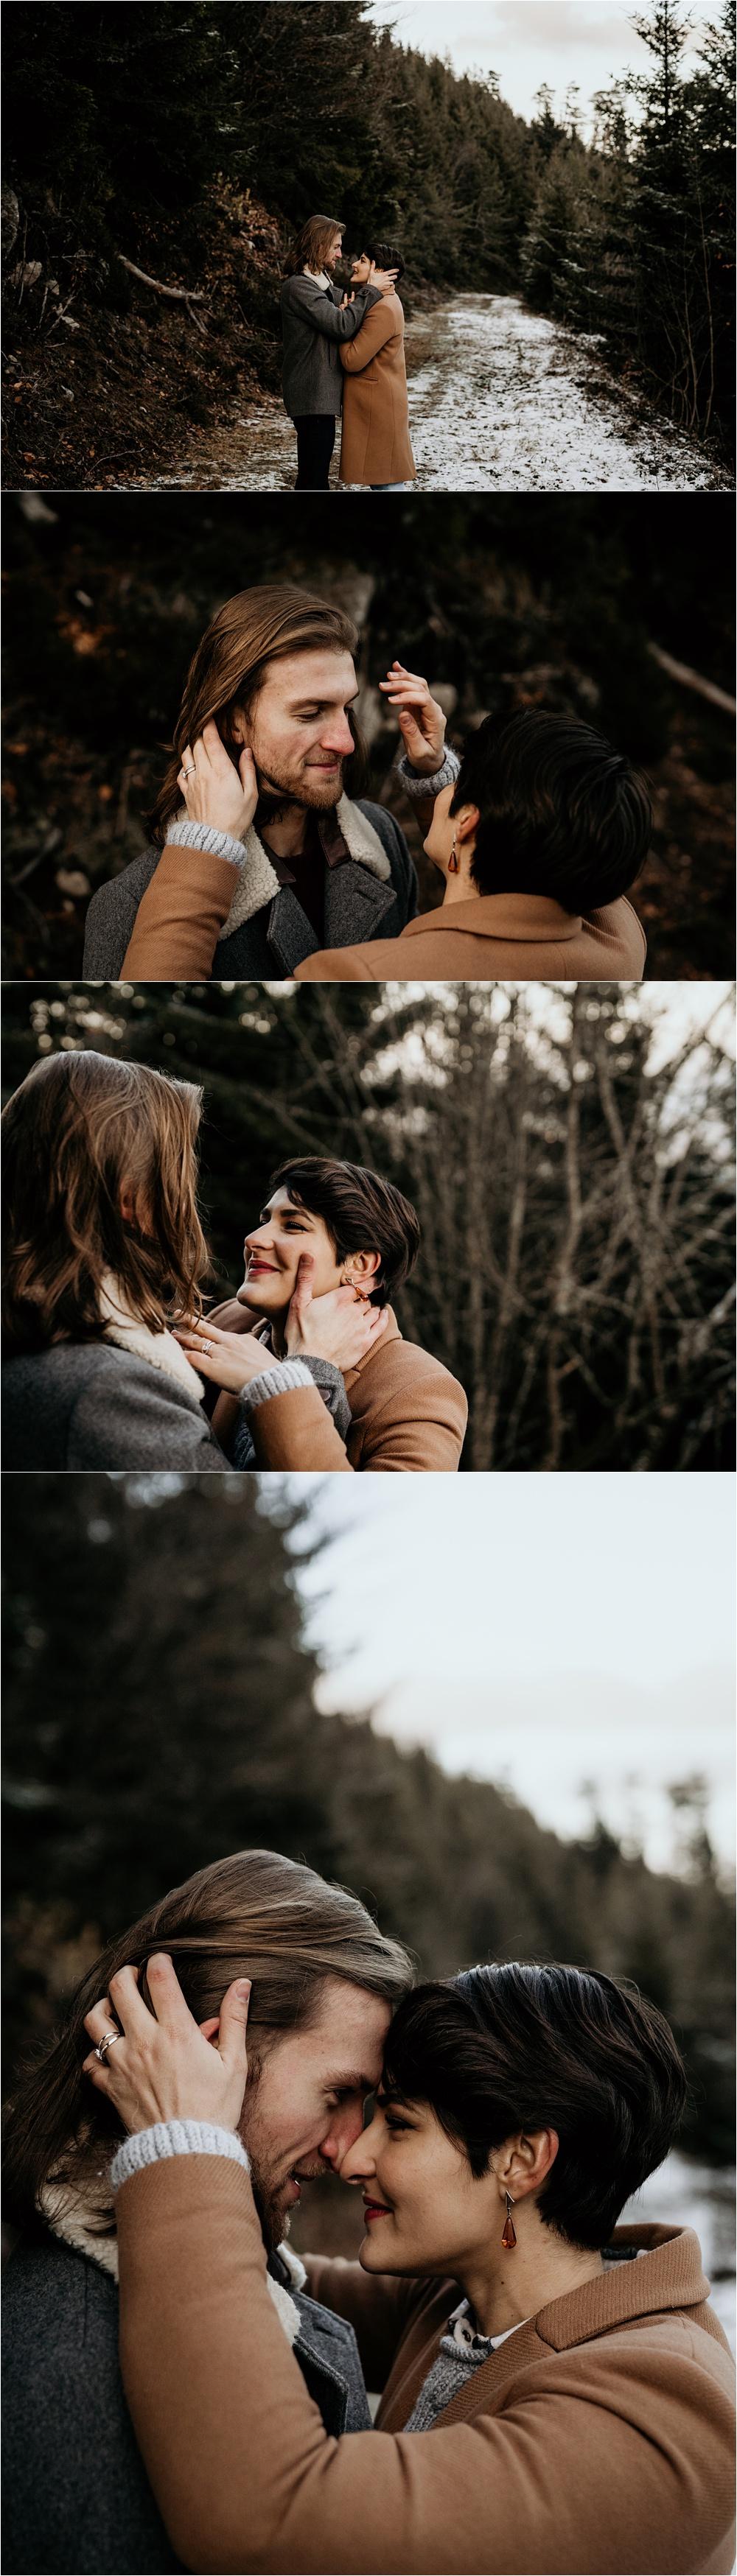 Séance-engagement-photographe-mariage-alsace-boho-nature